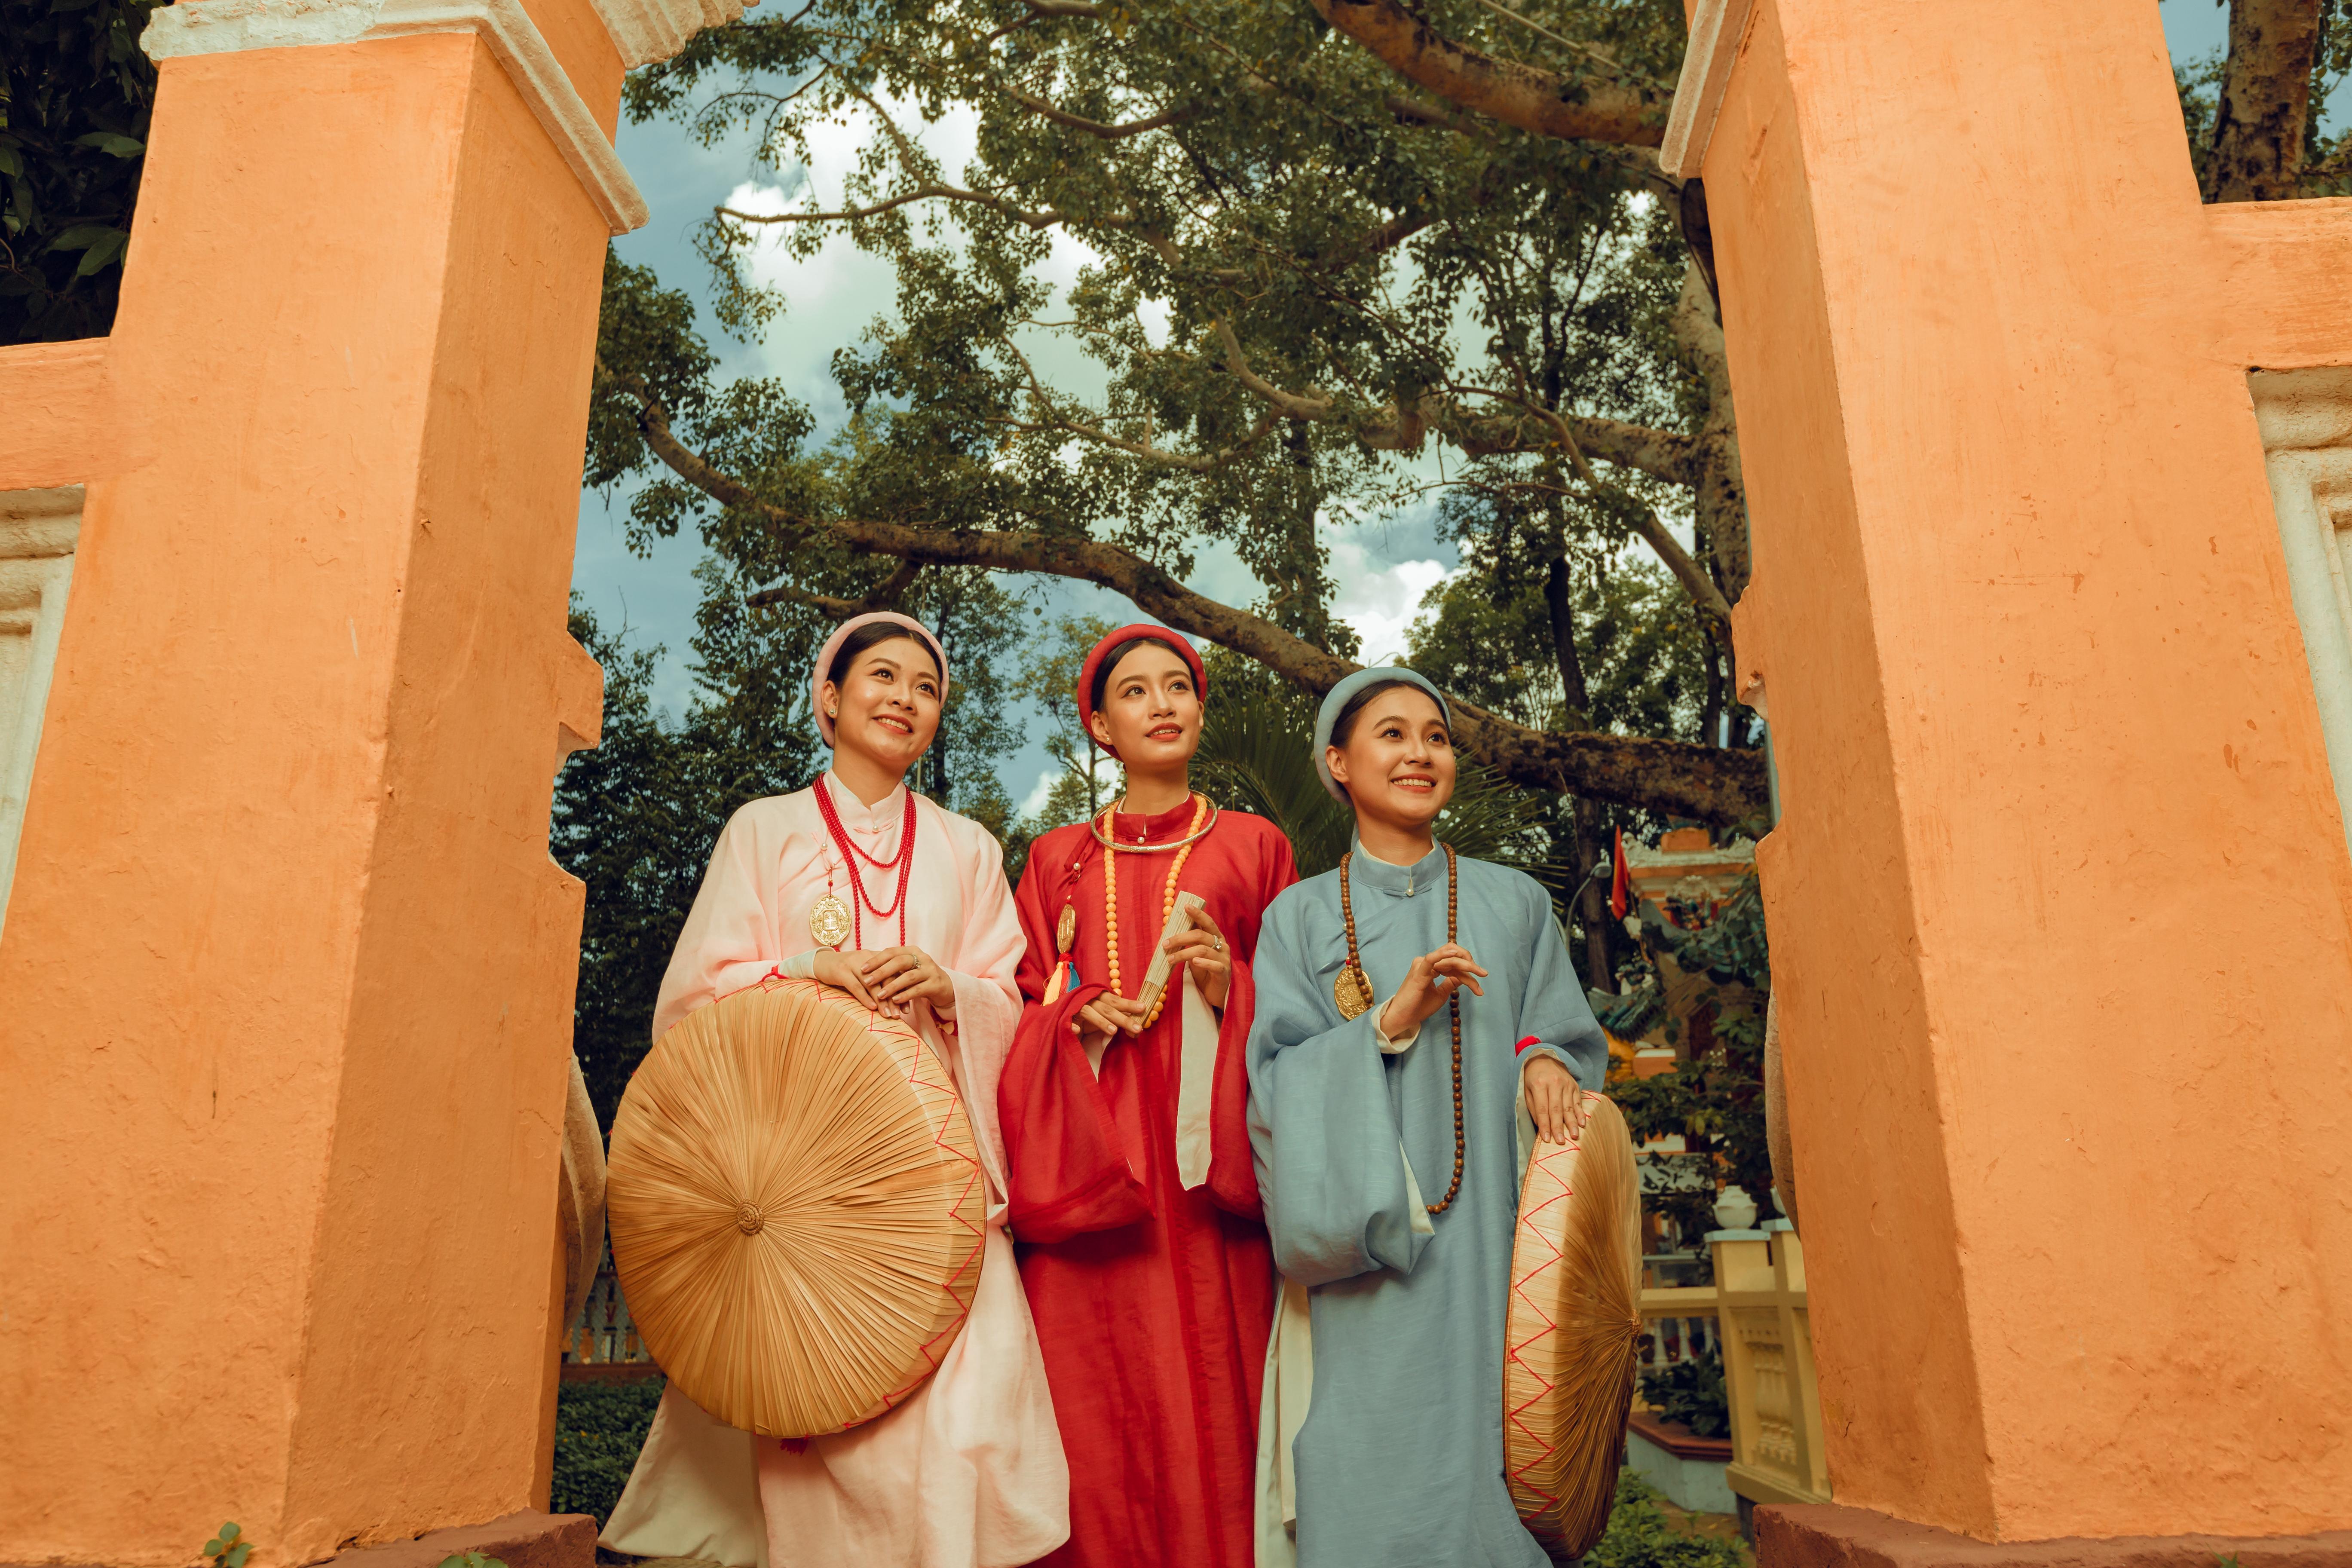 """Nhóm học sinh cấp 3 tìm về nét đẹp truyền thống, diện nguyên dàn cổ phục Việt chụp ảnh kỷ yếu, nhanh chóng thành tạo """"hot trend"""" trên mạng xã hội - Ảnh 18."""